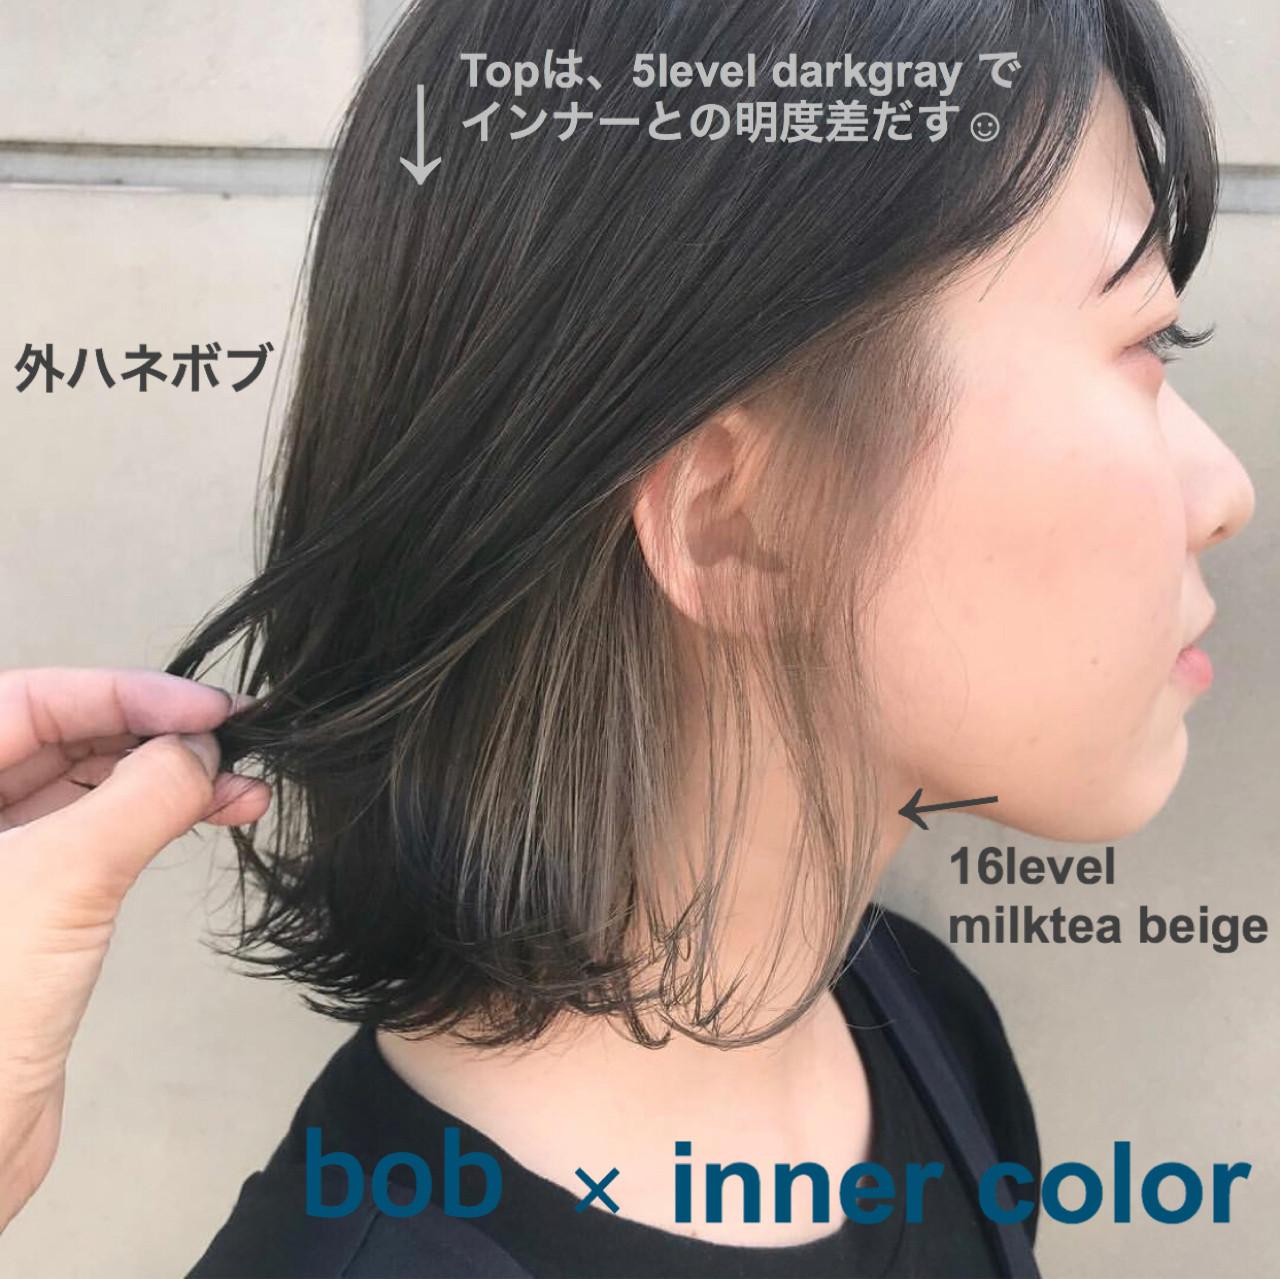 ボブ ナチュラル グレージュ 外国人風カラー ヘアスタイルや髪型の写真・画像